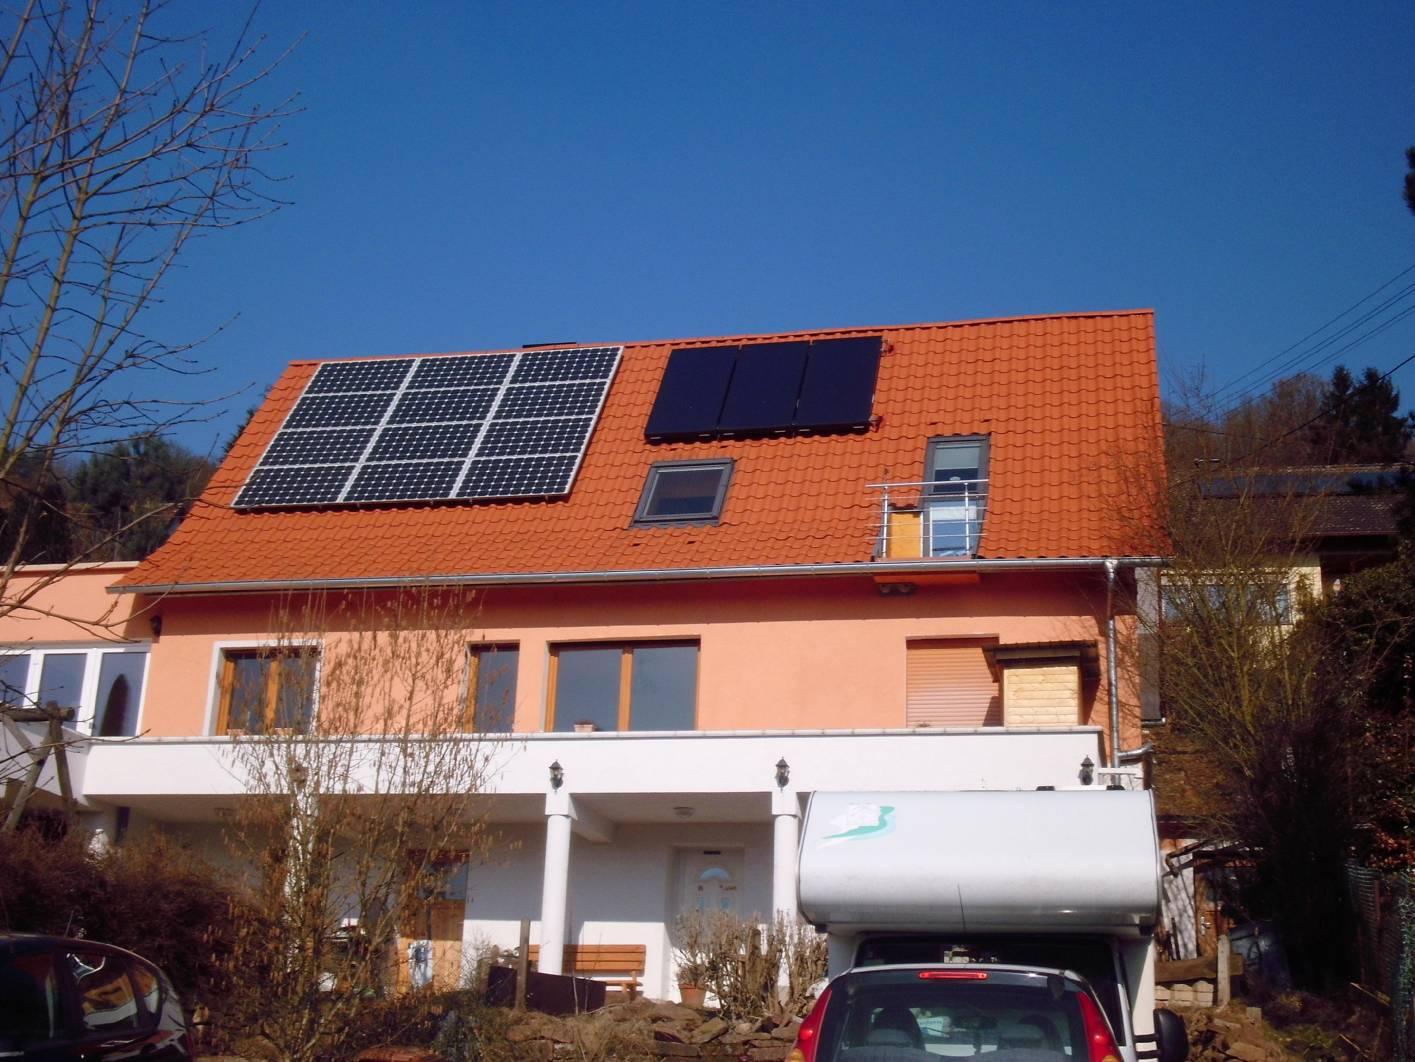 klaus sch ssler gmbh in eberbach lindach dachfenster. Black Bedroom Furniture Sets. Home Design Ideas